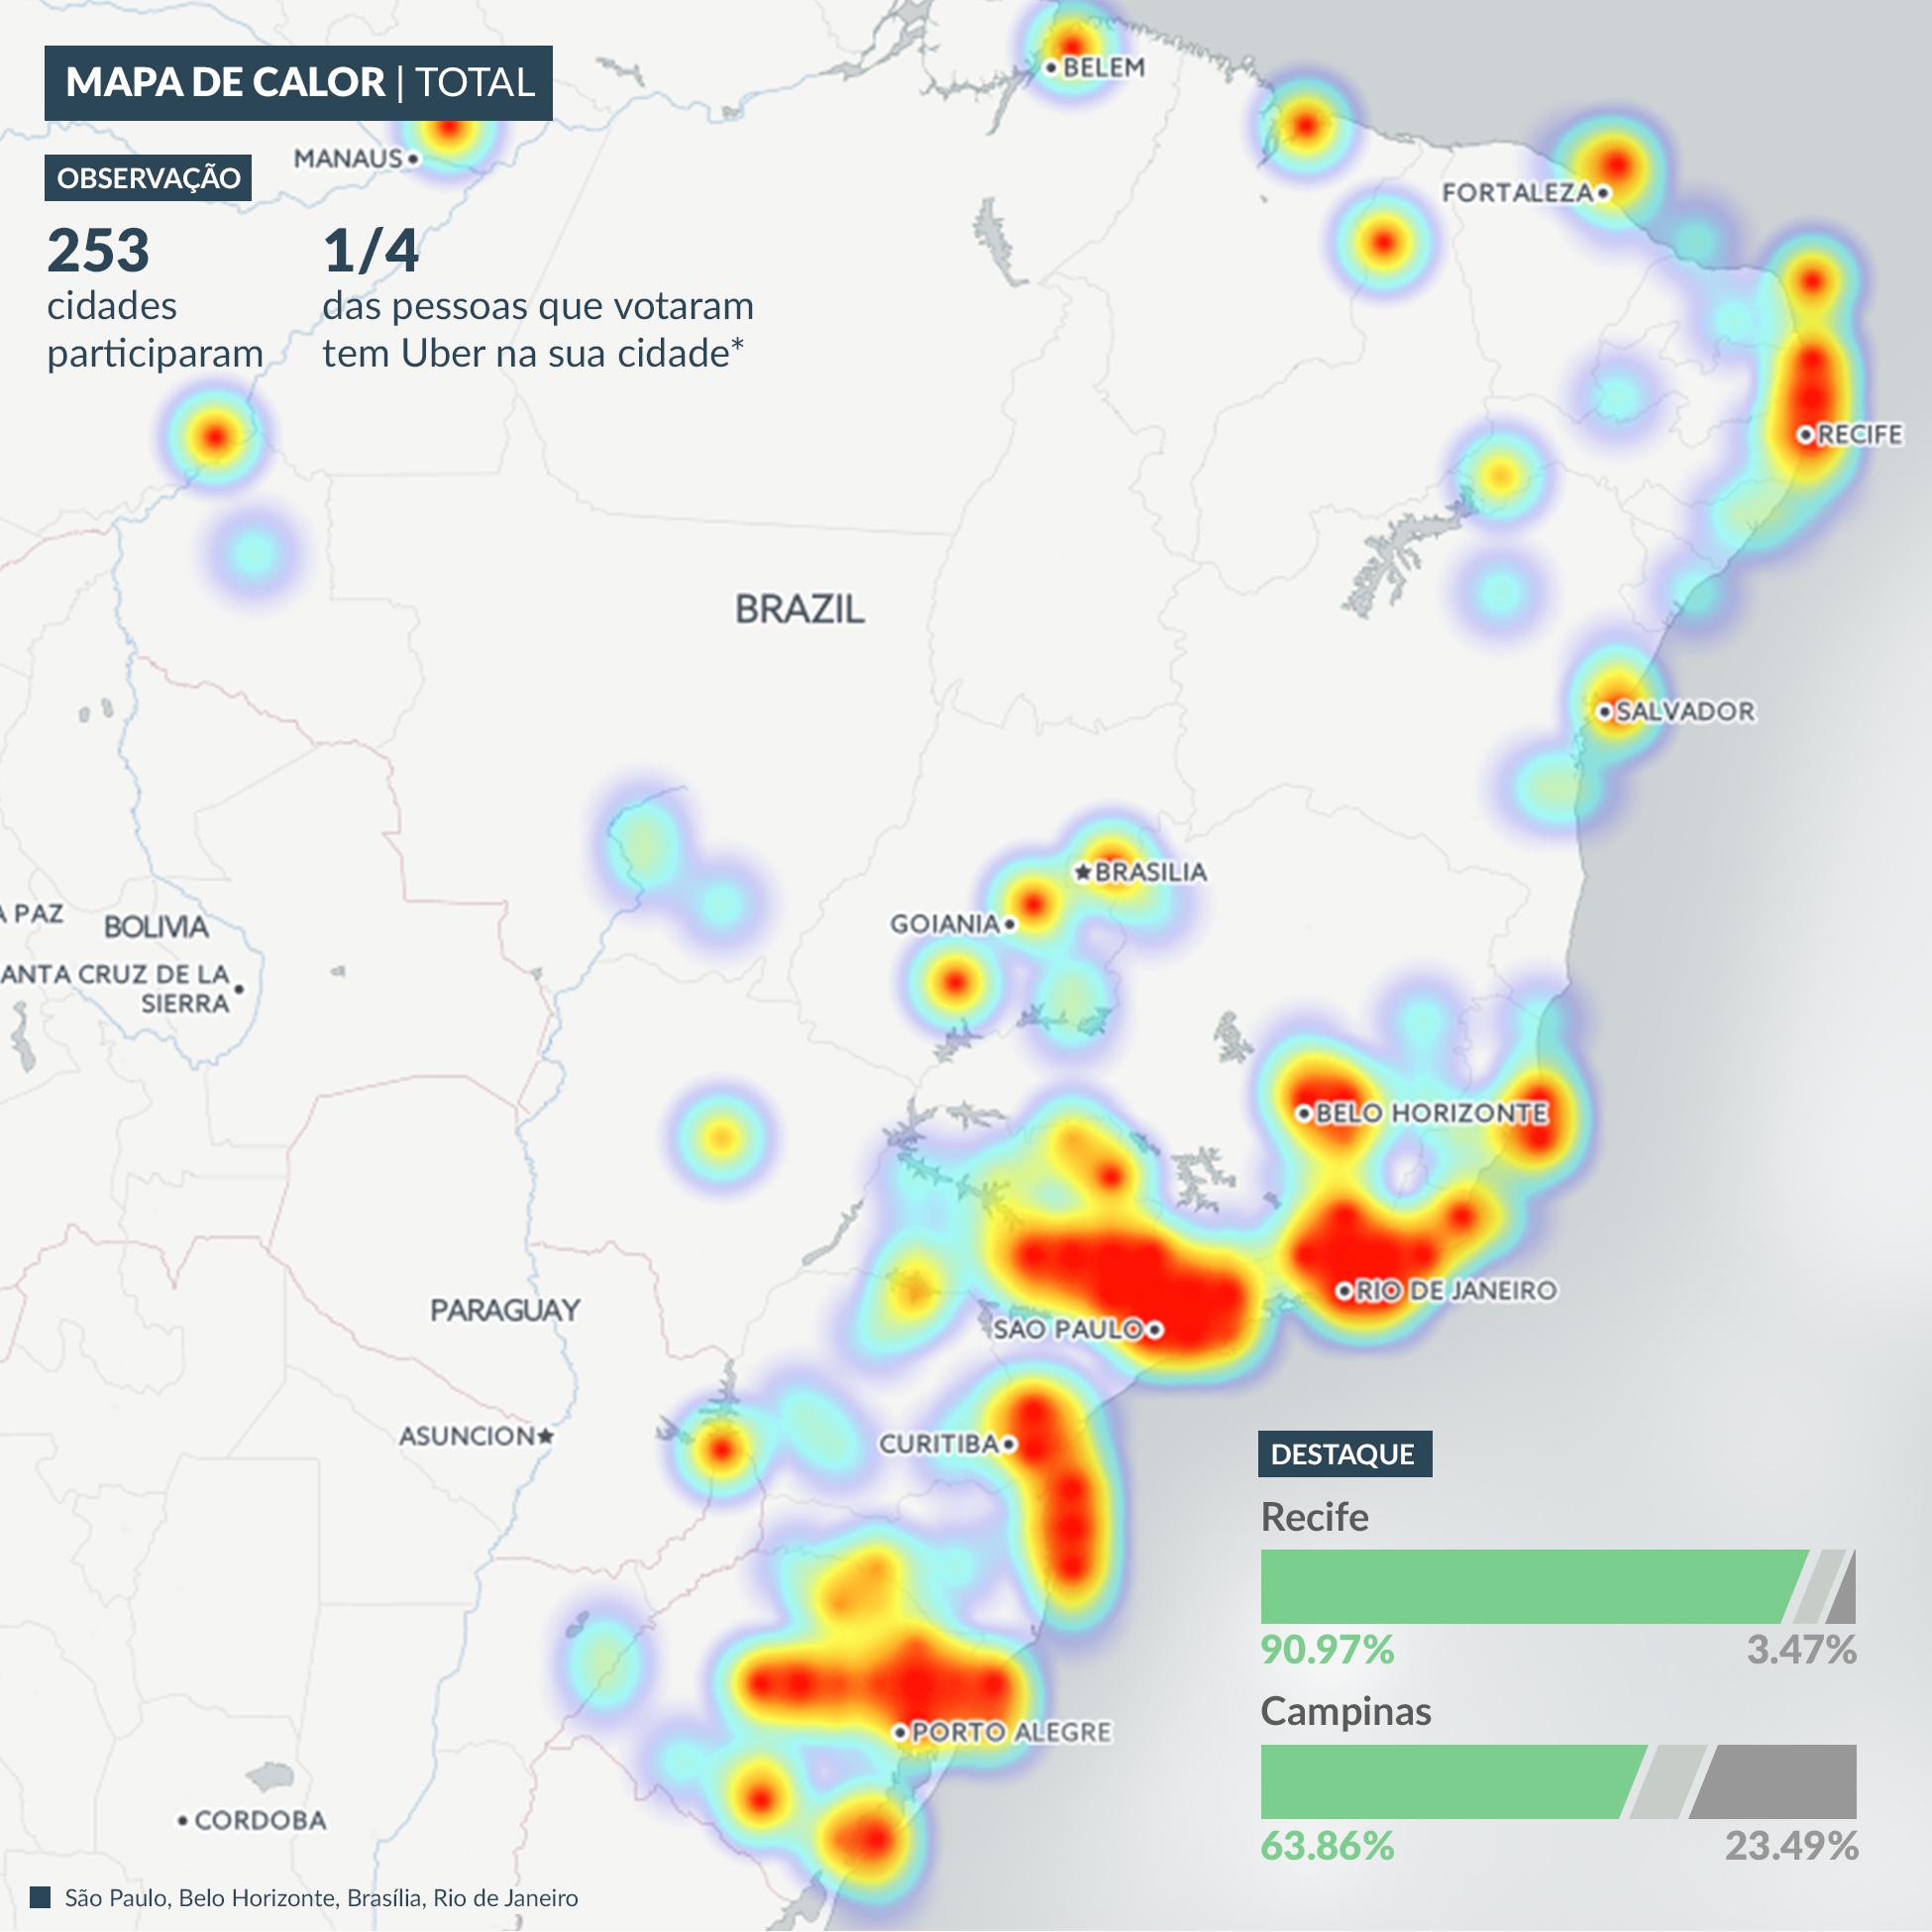 Mapa de locais onde os respondentes moram